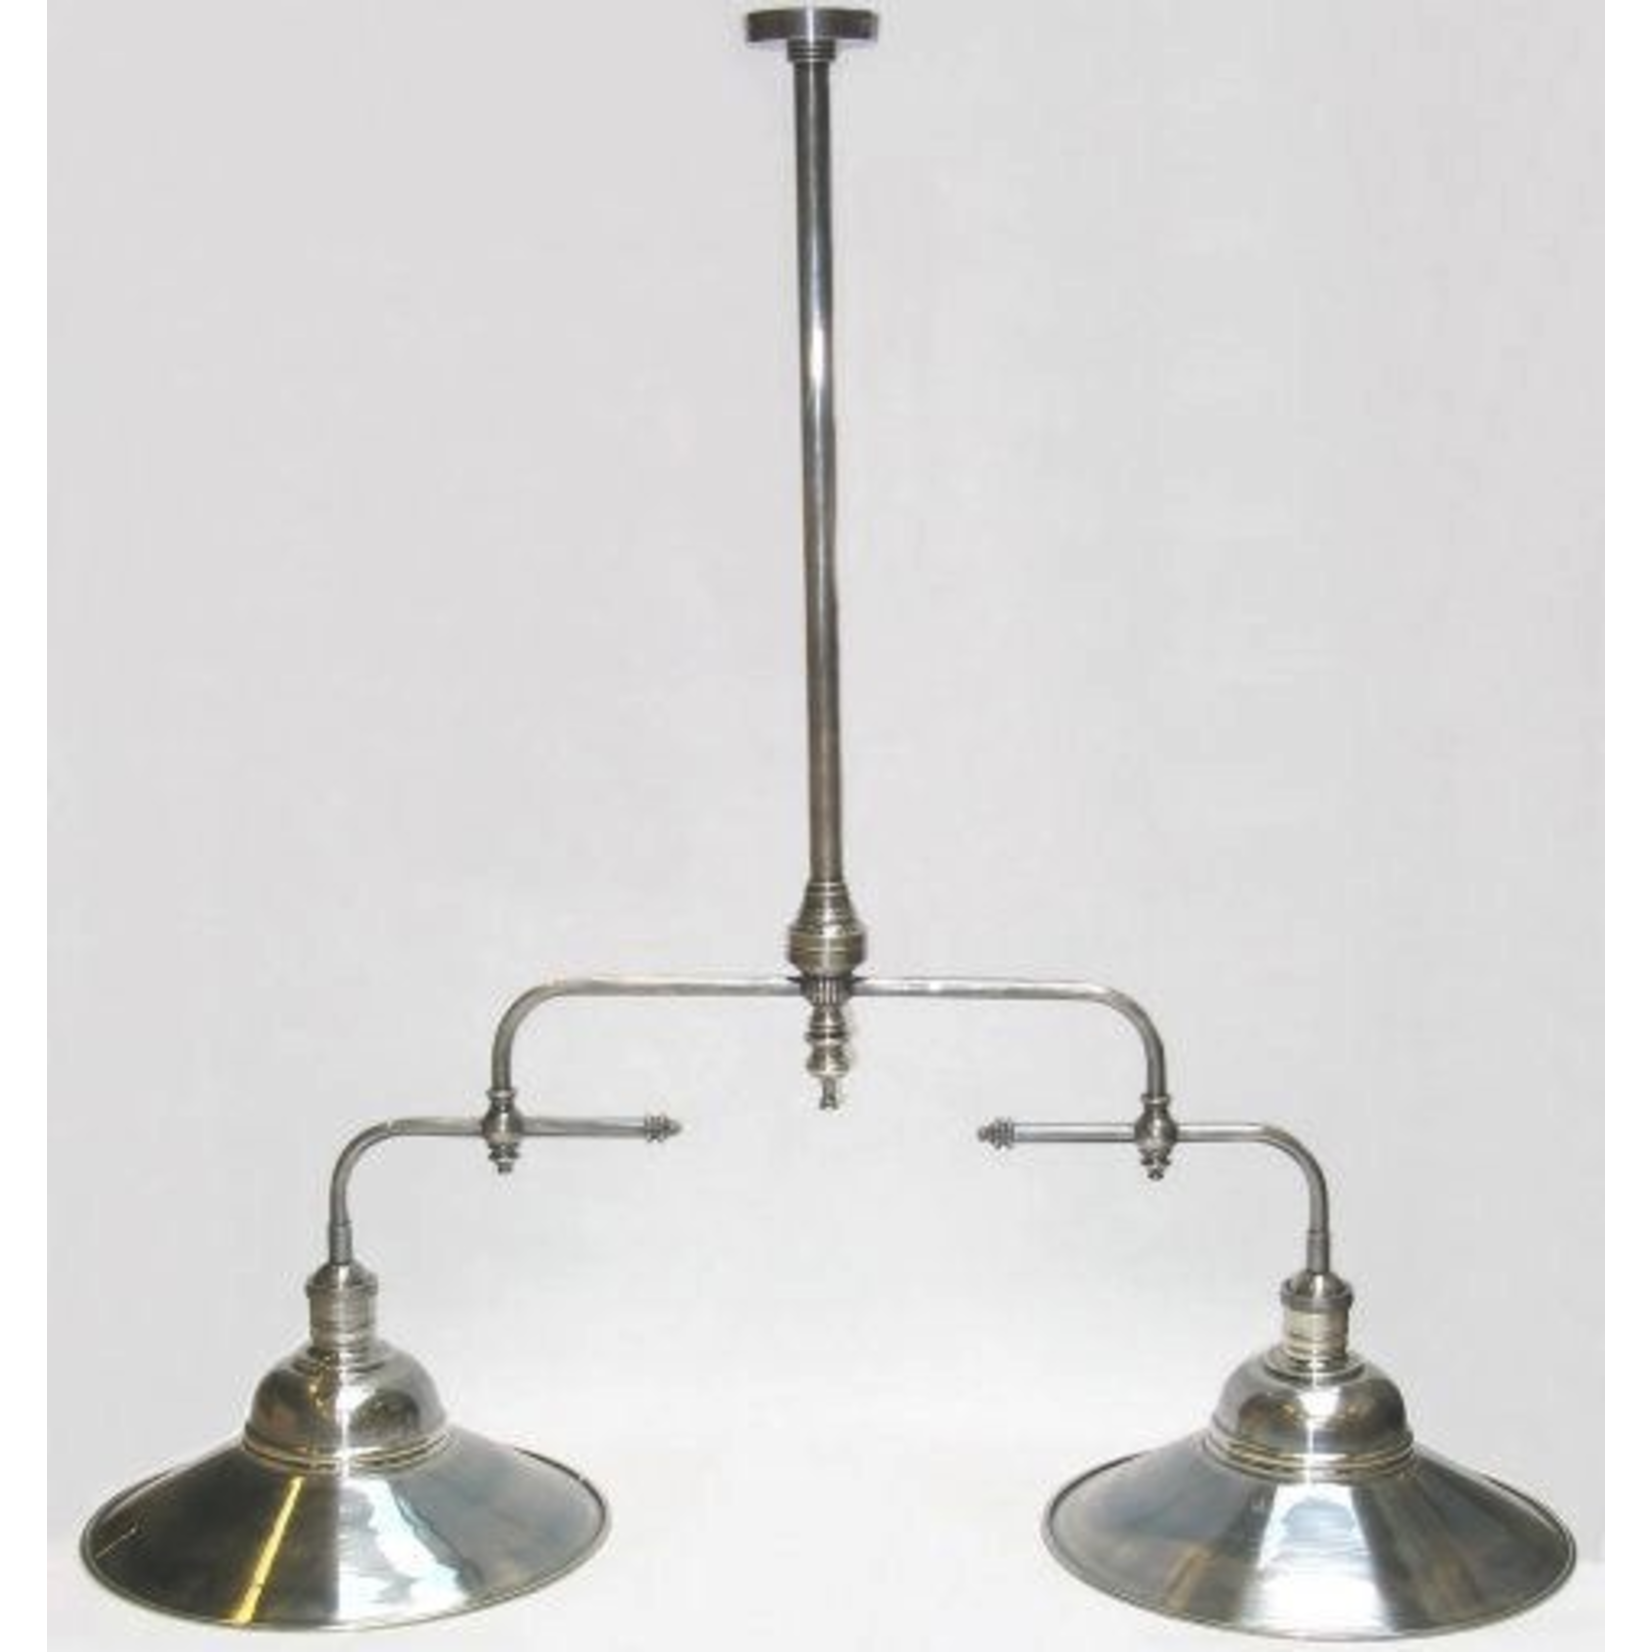 CHEHOMA HANGING LAMP 2 NICKEL SHADE